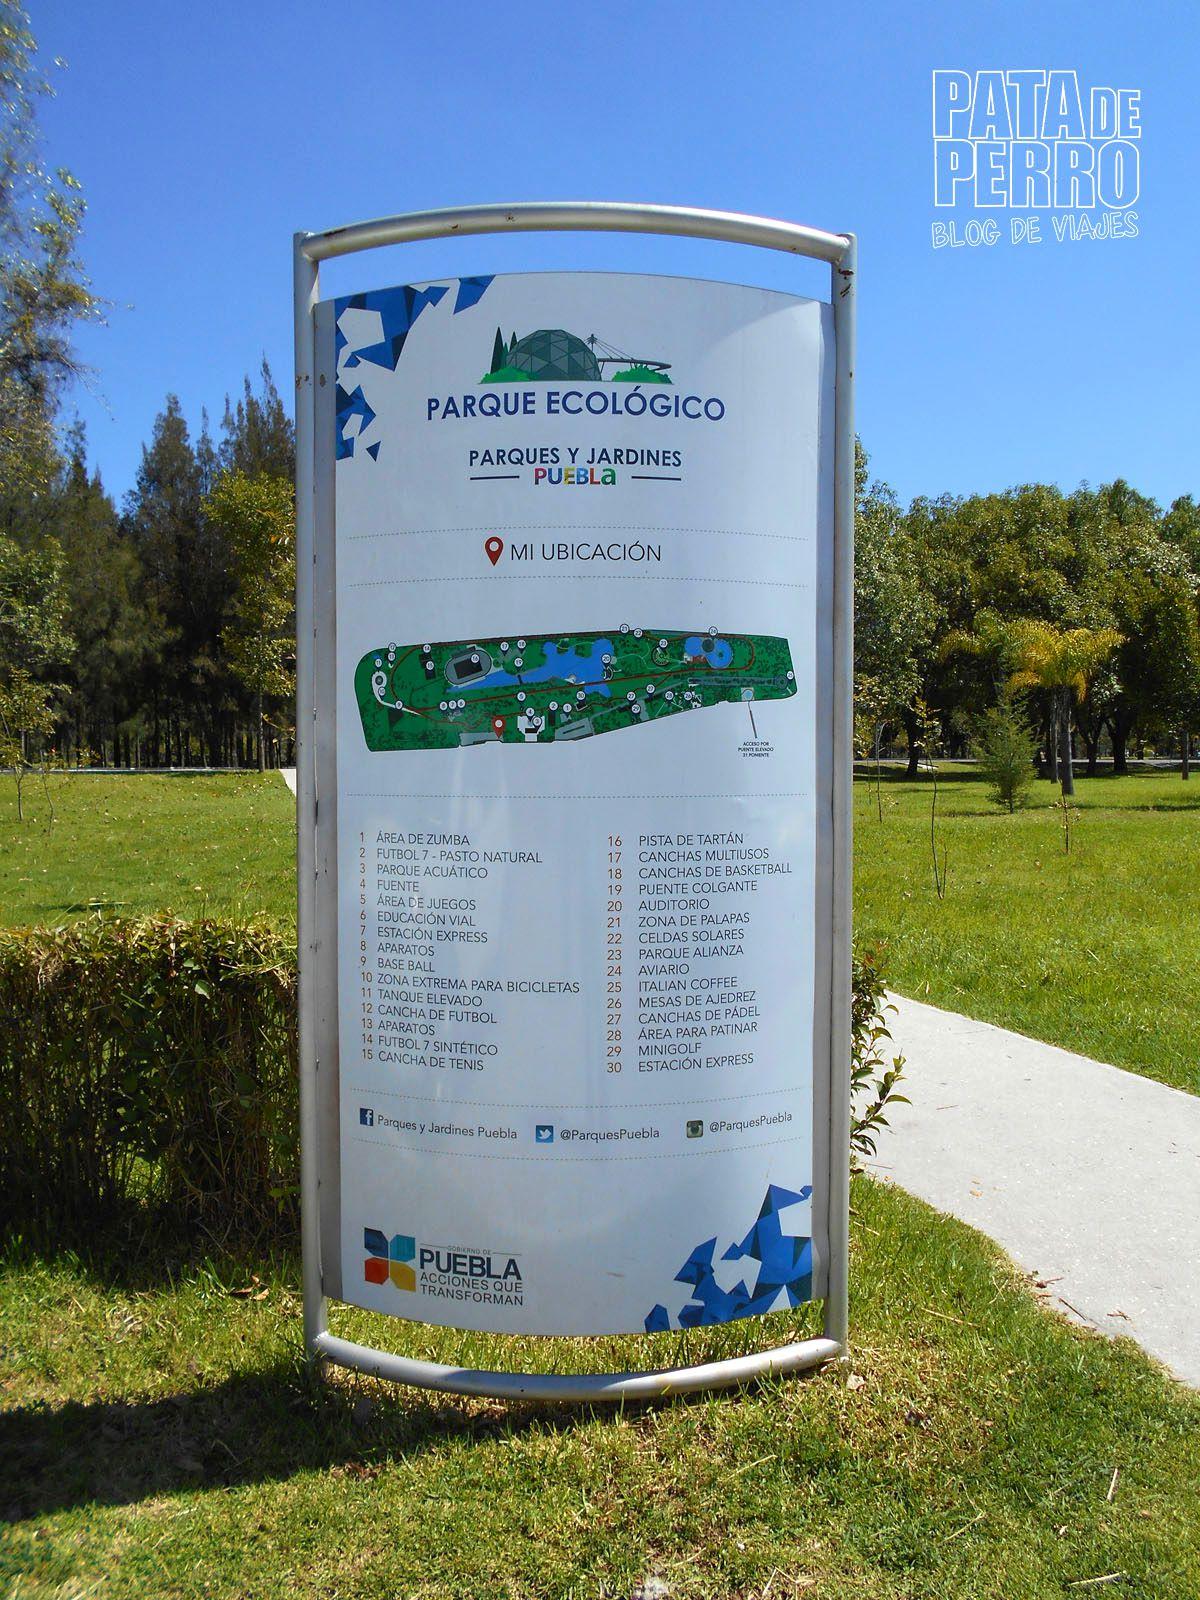 parque-ecologico-puebla-mexico-pata-de-perro-blog-de-viajes28